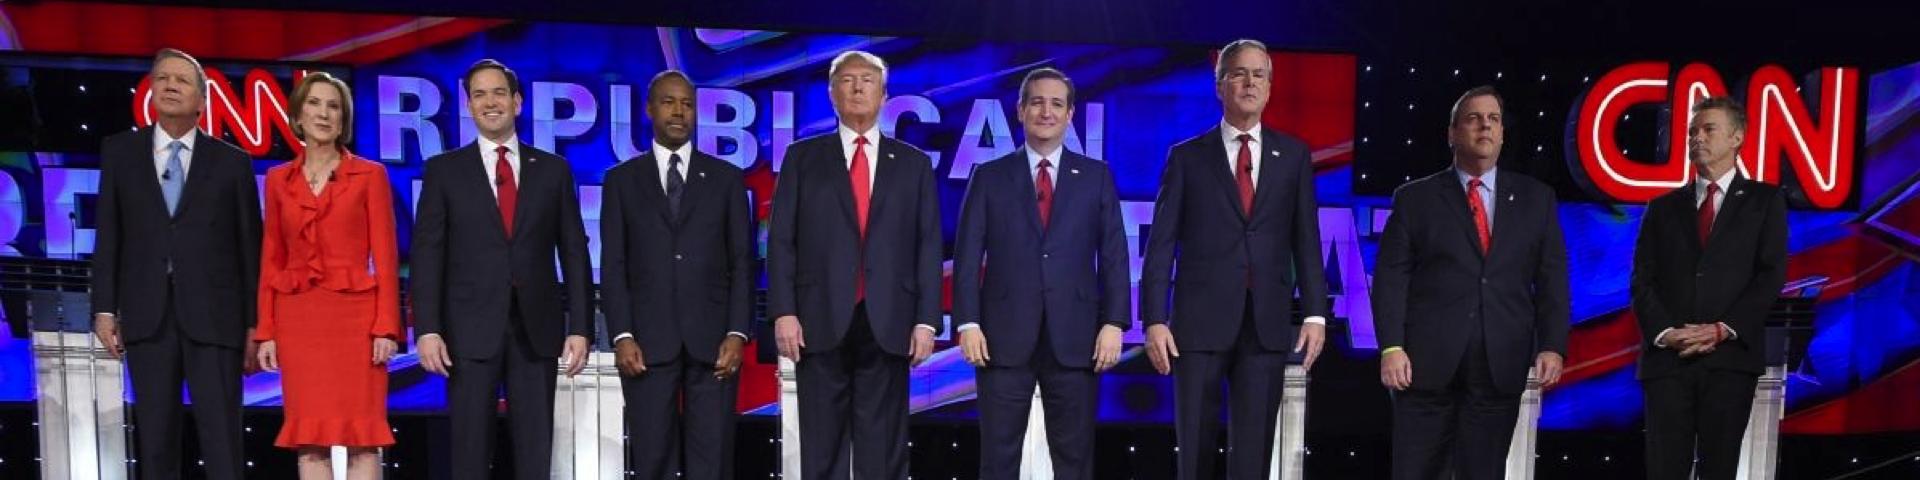 Rubio is the New Romney – Last Night's GOP Debate